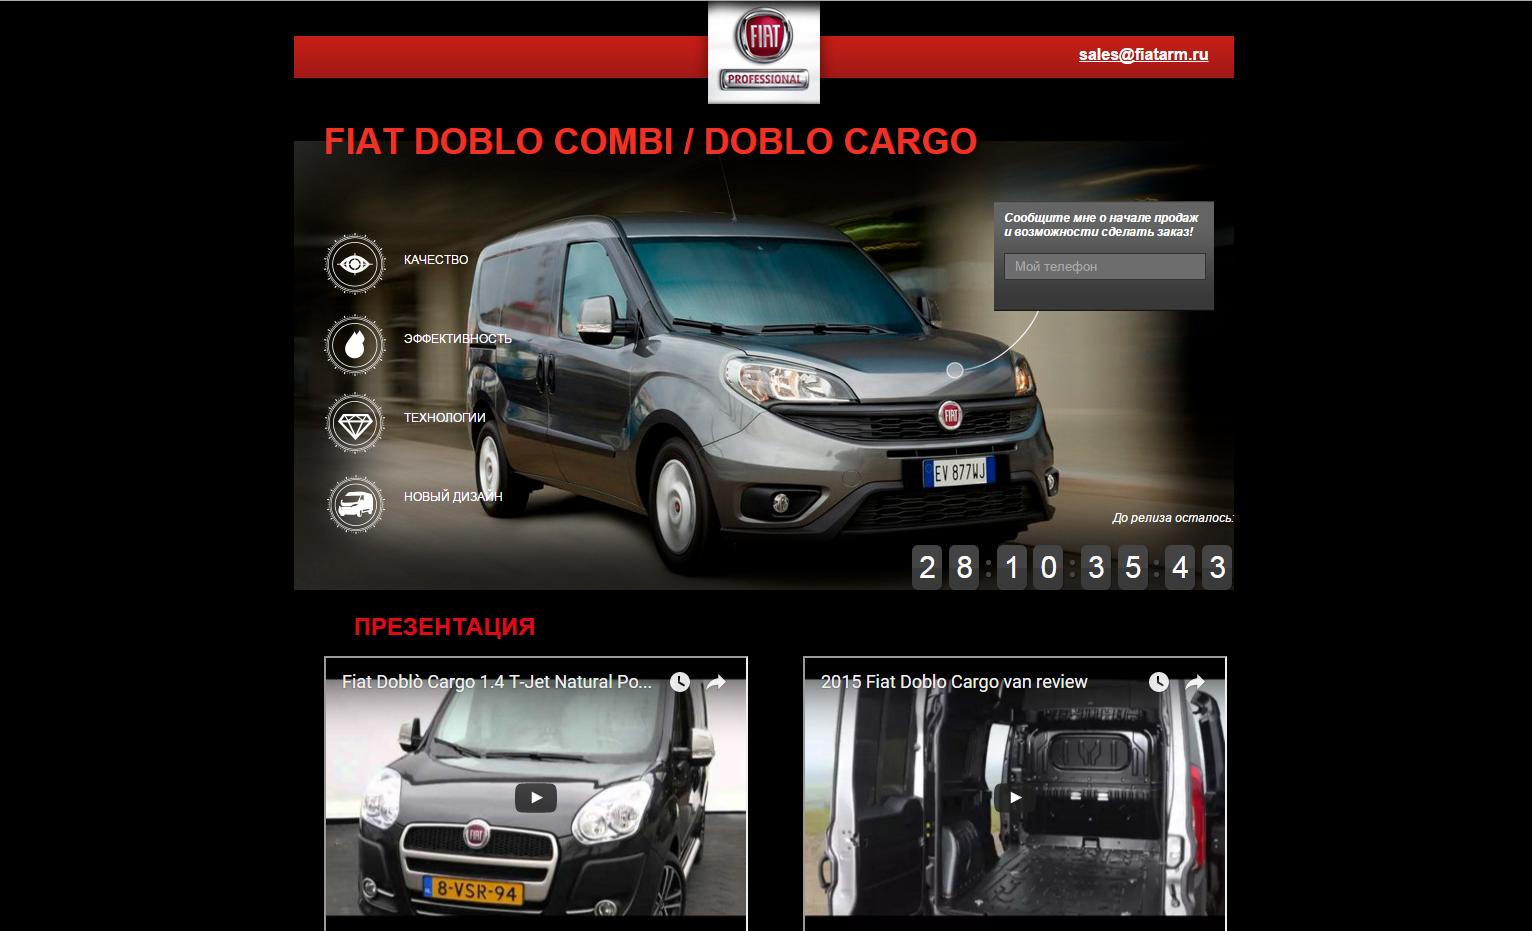 Сайт по акции FIAT Doblo